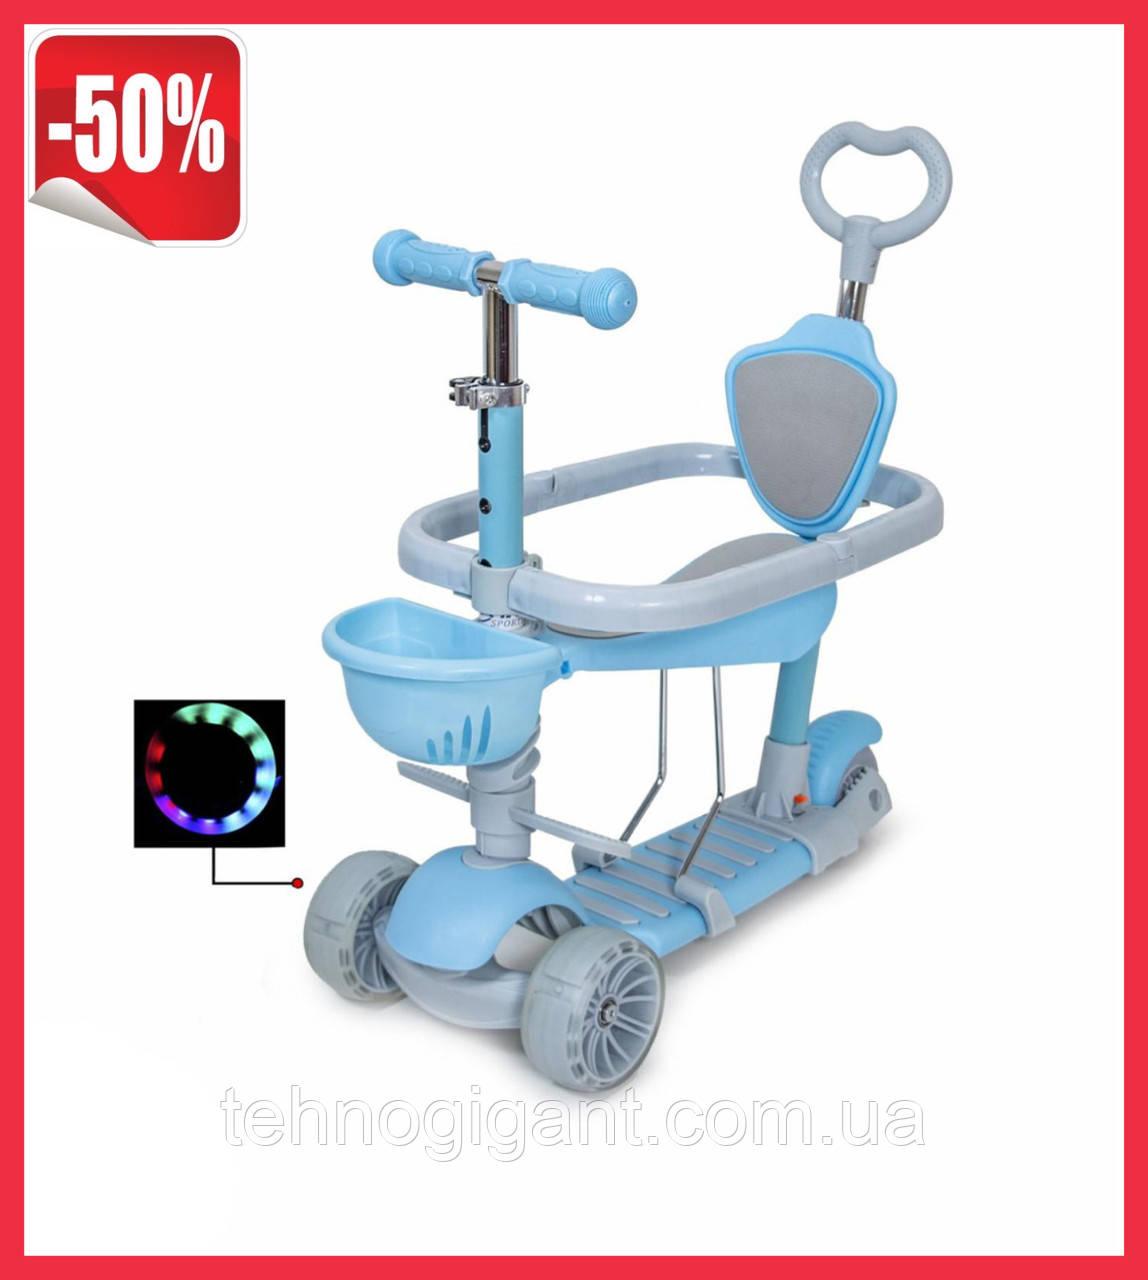 Детский трехколесный самокат беговел с ограничителем и родительской ручкой Scooter  5 в 1 Синий с бортиком